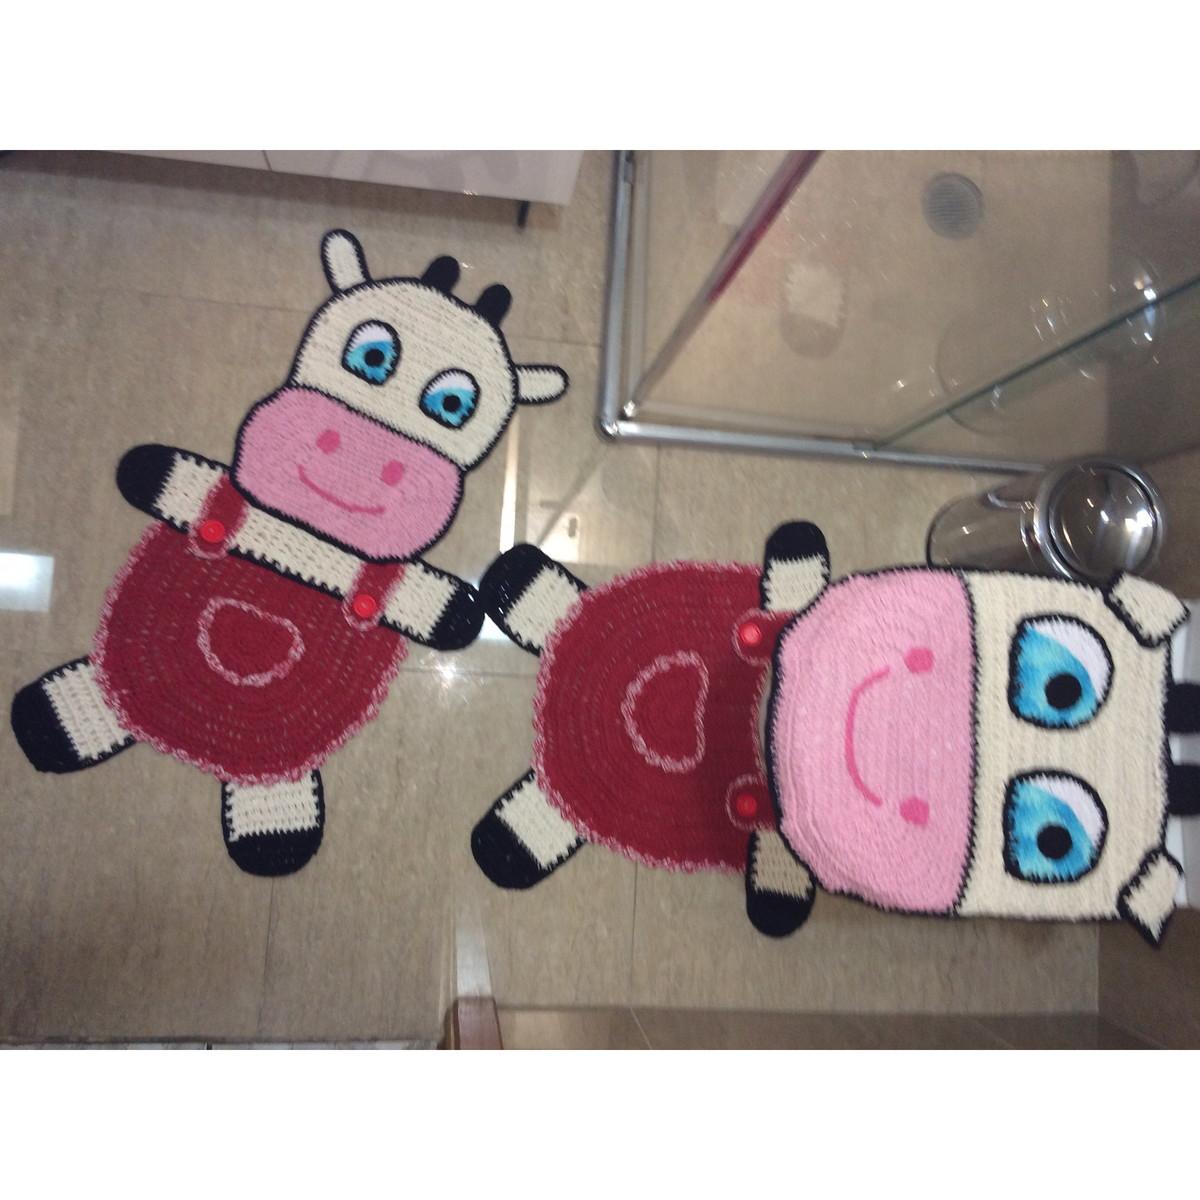 Tapete Minions De Croche : Tapete Minions Tapete De Croche Tapete Minions Croche Zoom Suzuki